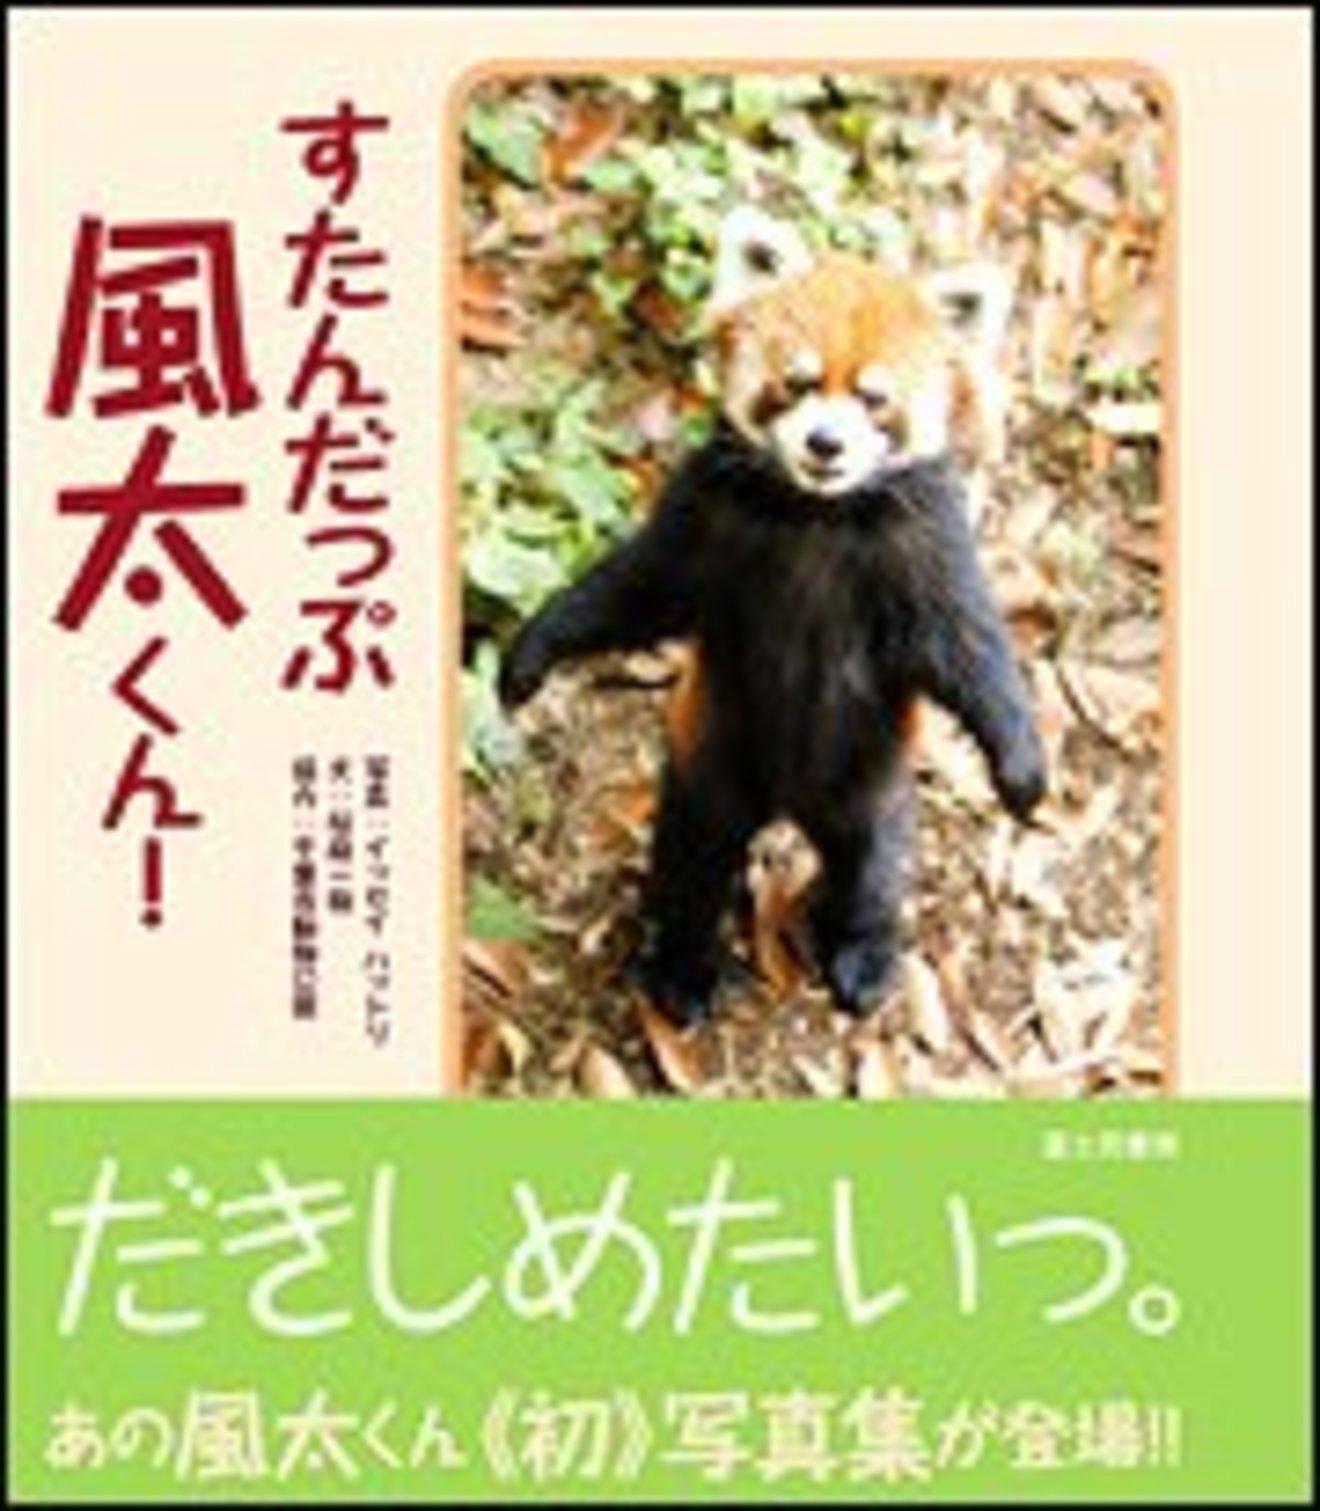 意外と知らないレッサーパンダの生態!かわいいだけじゃない性格や特徴を紹介